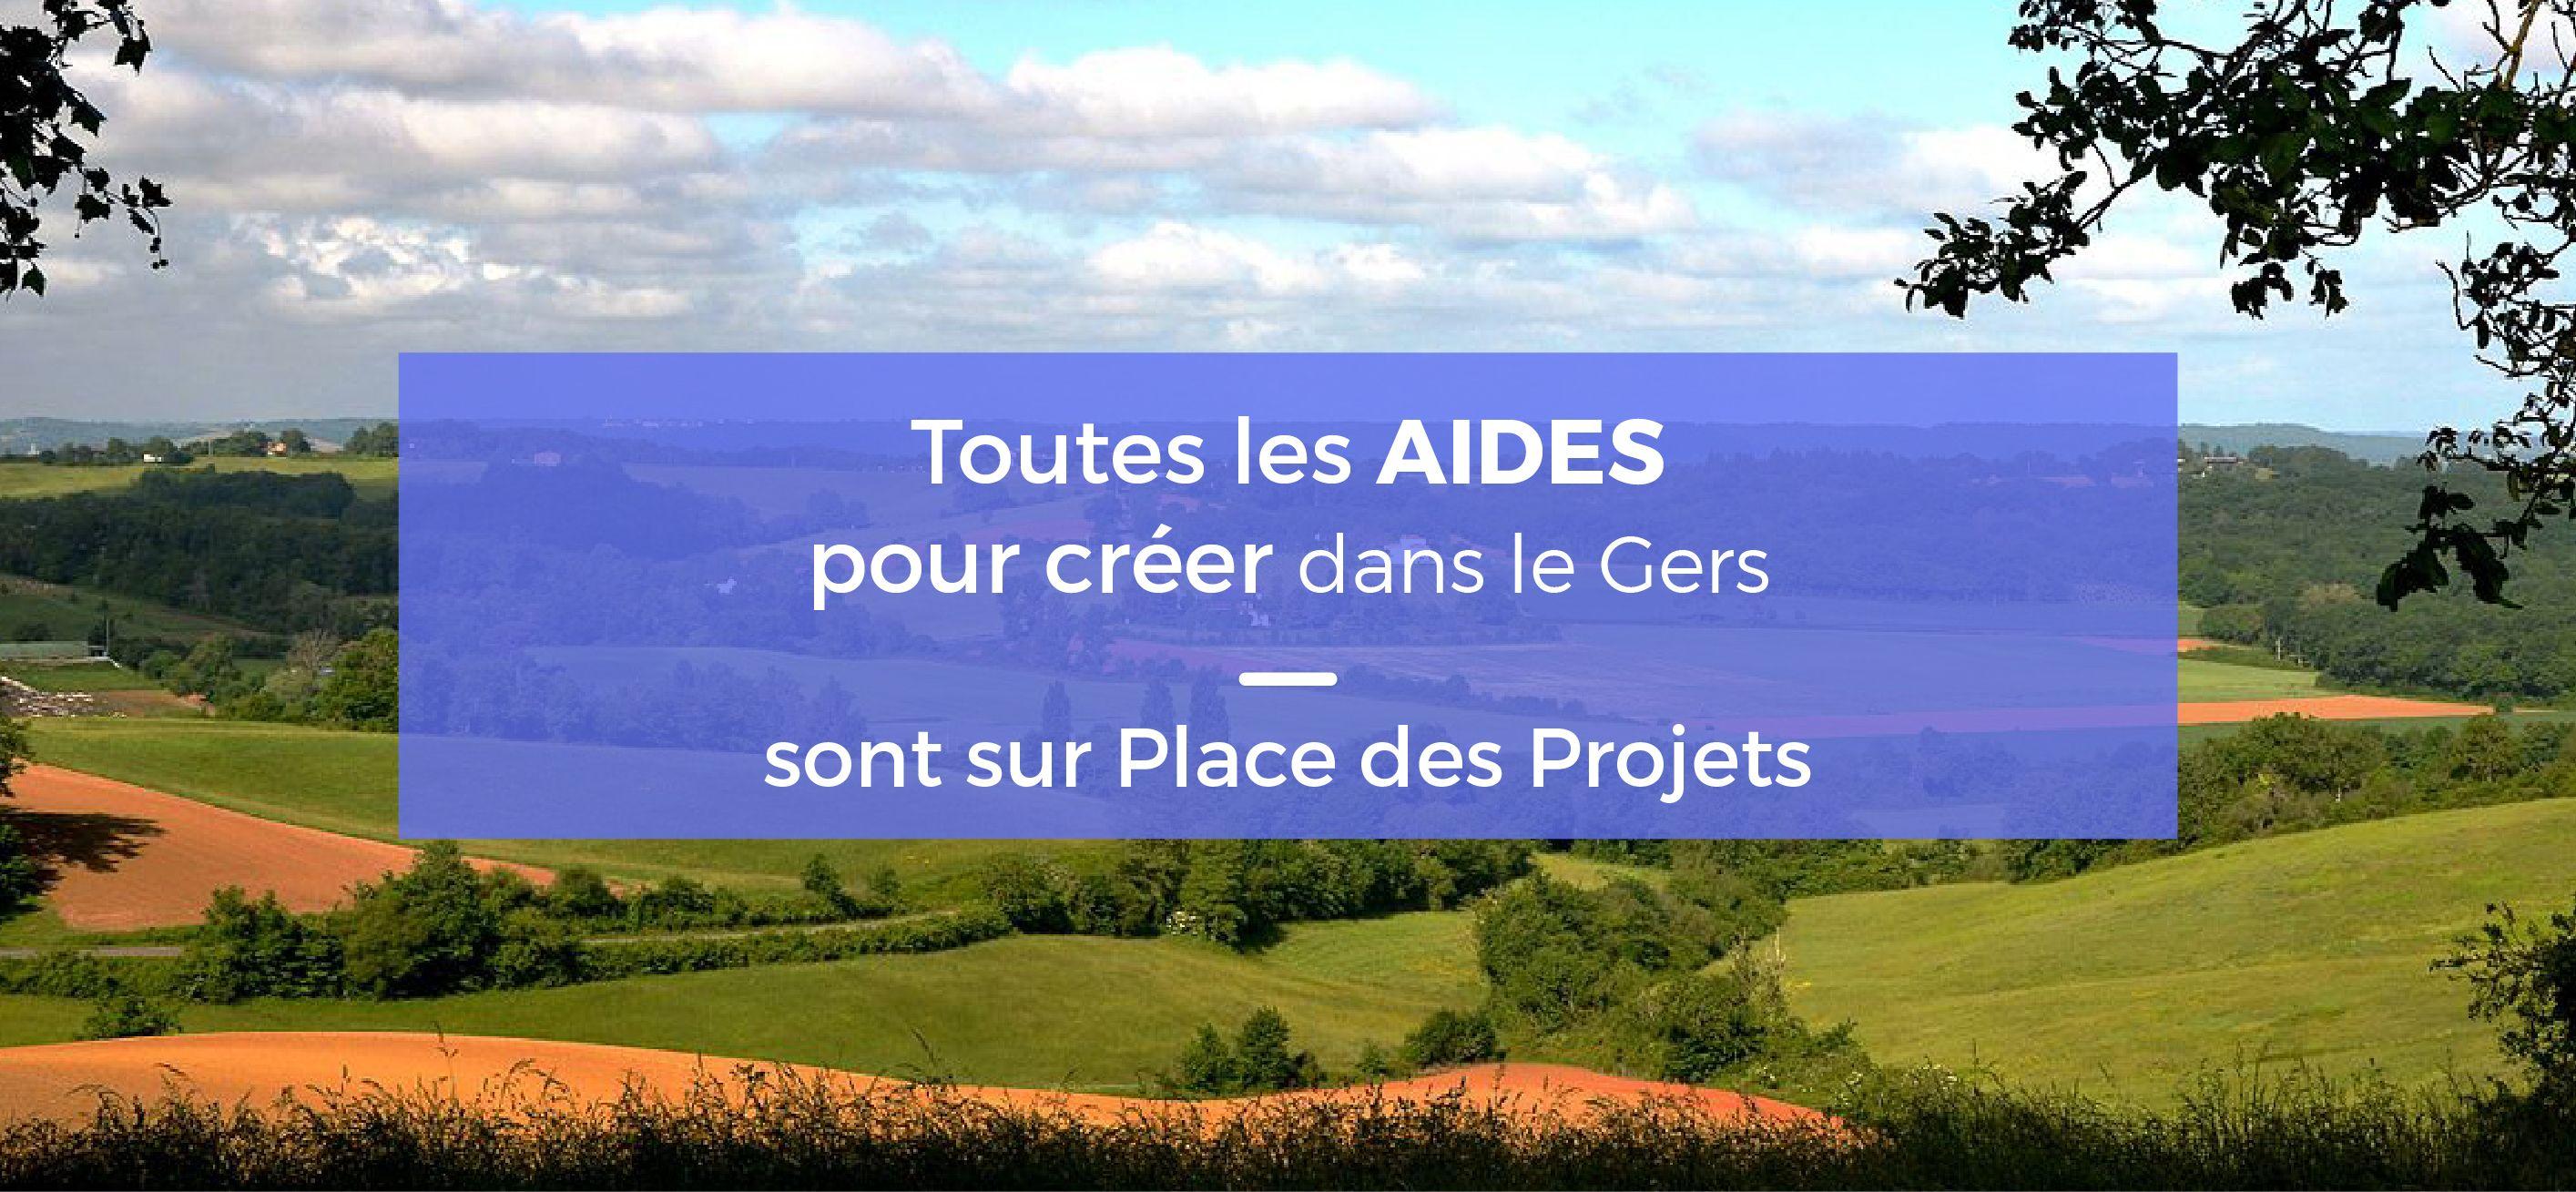 Retrouvez, comparez et contactez l'aide à la création d'entreprise dans le Gers. Nous mettons en relation porteurs de projets et professionnels.